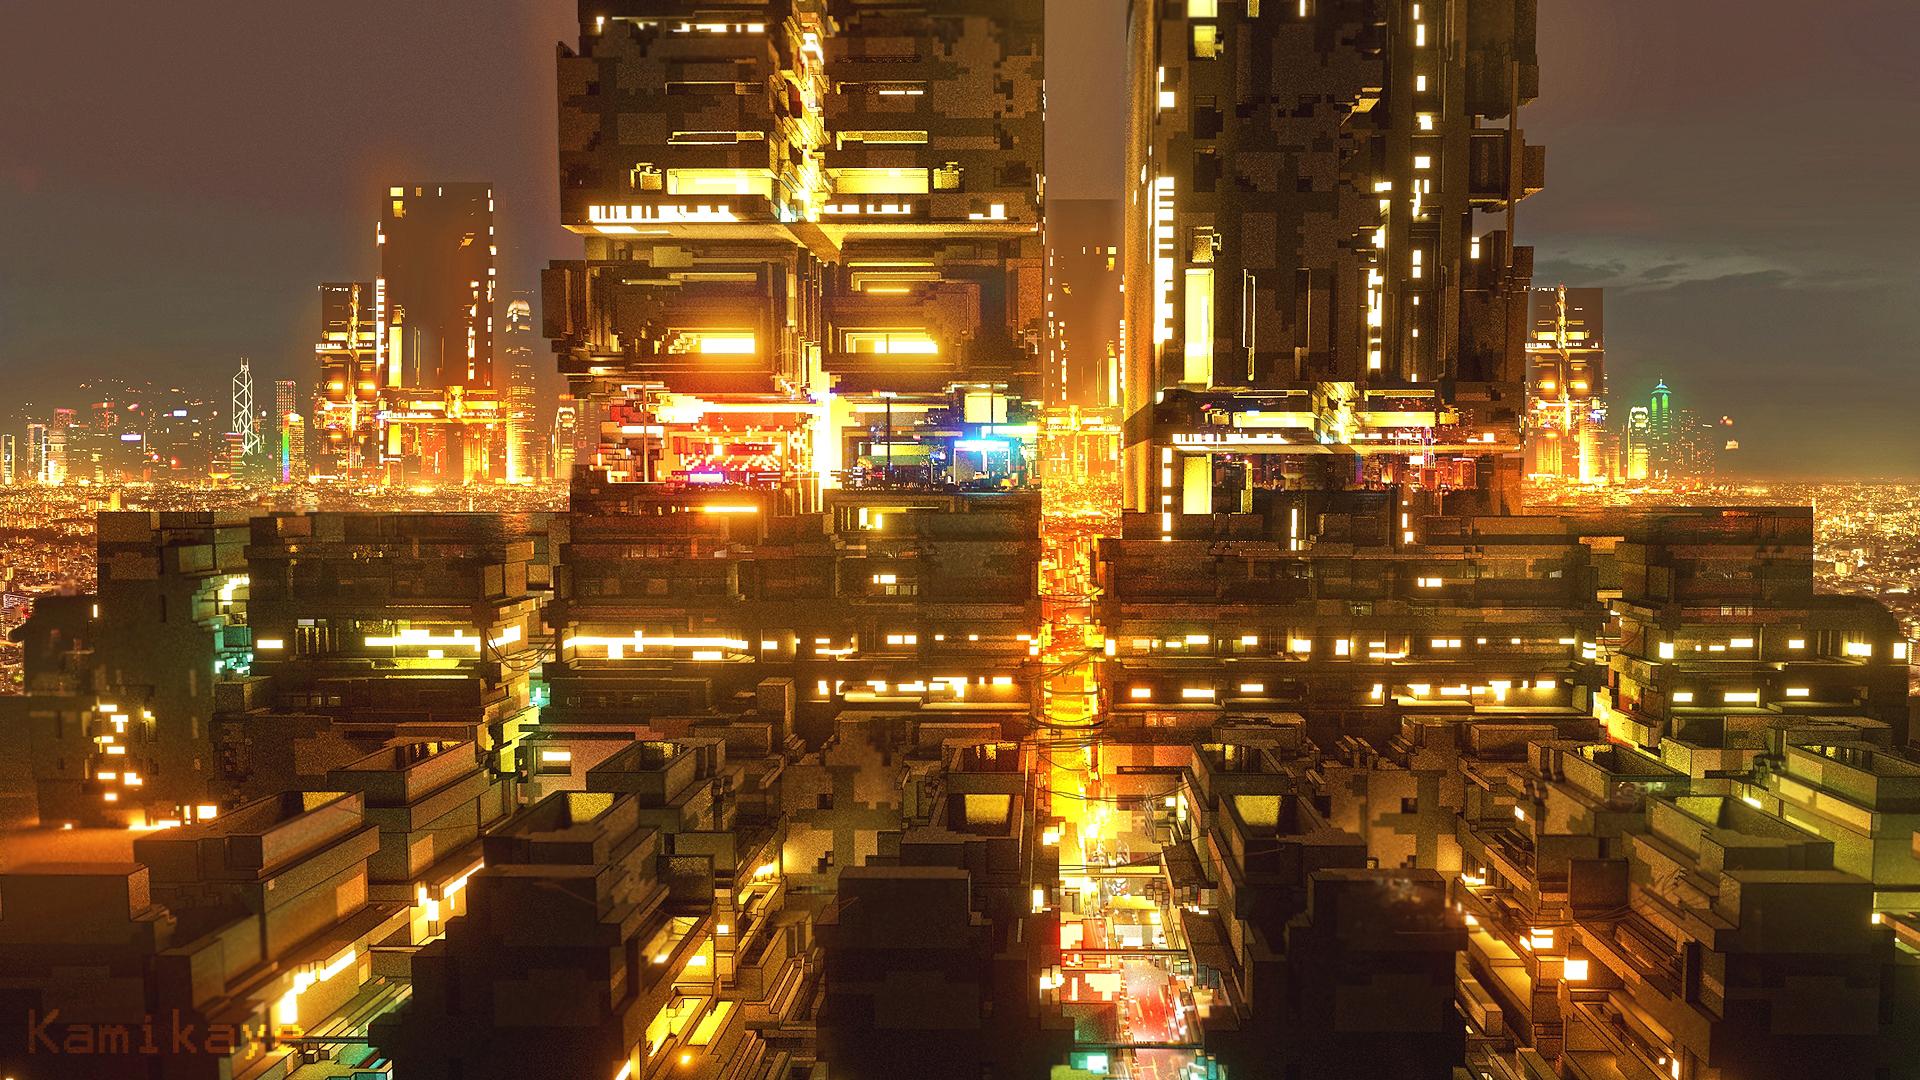 Voxel Block City